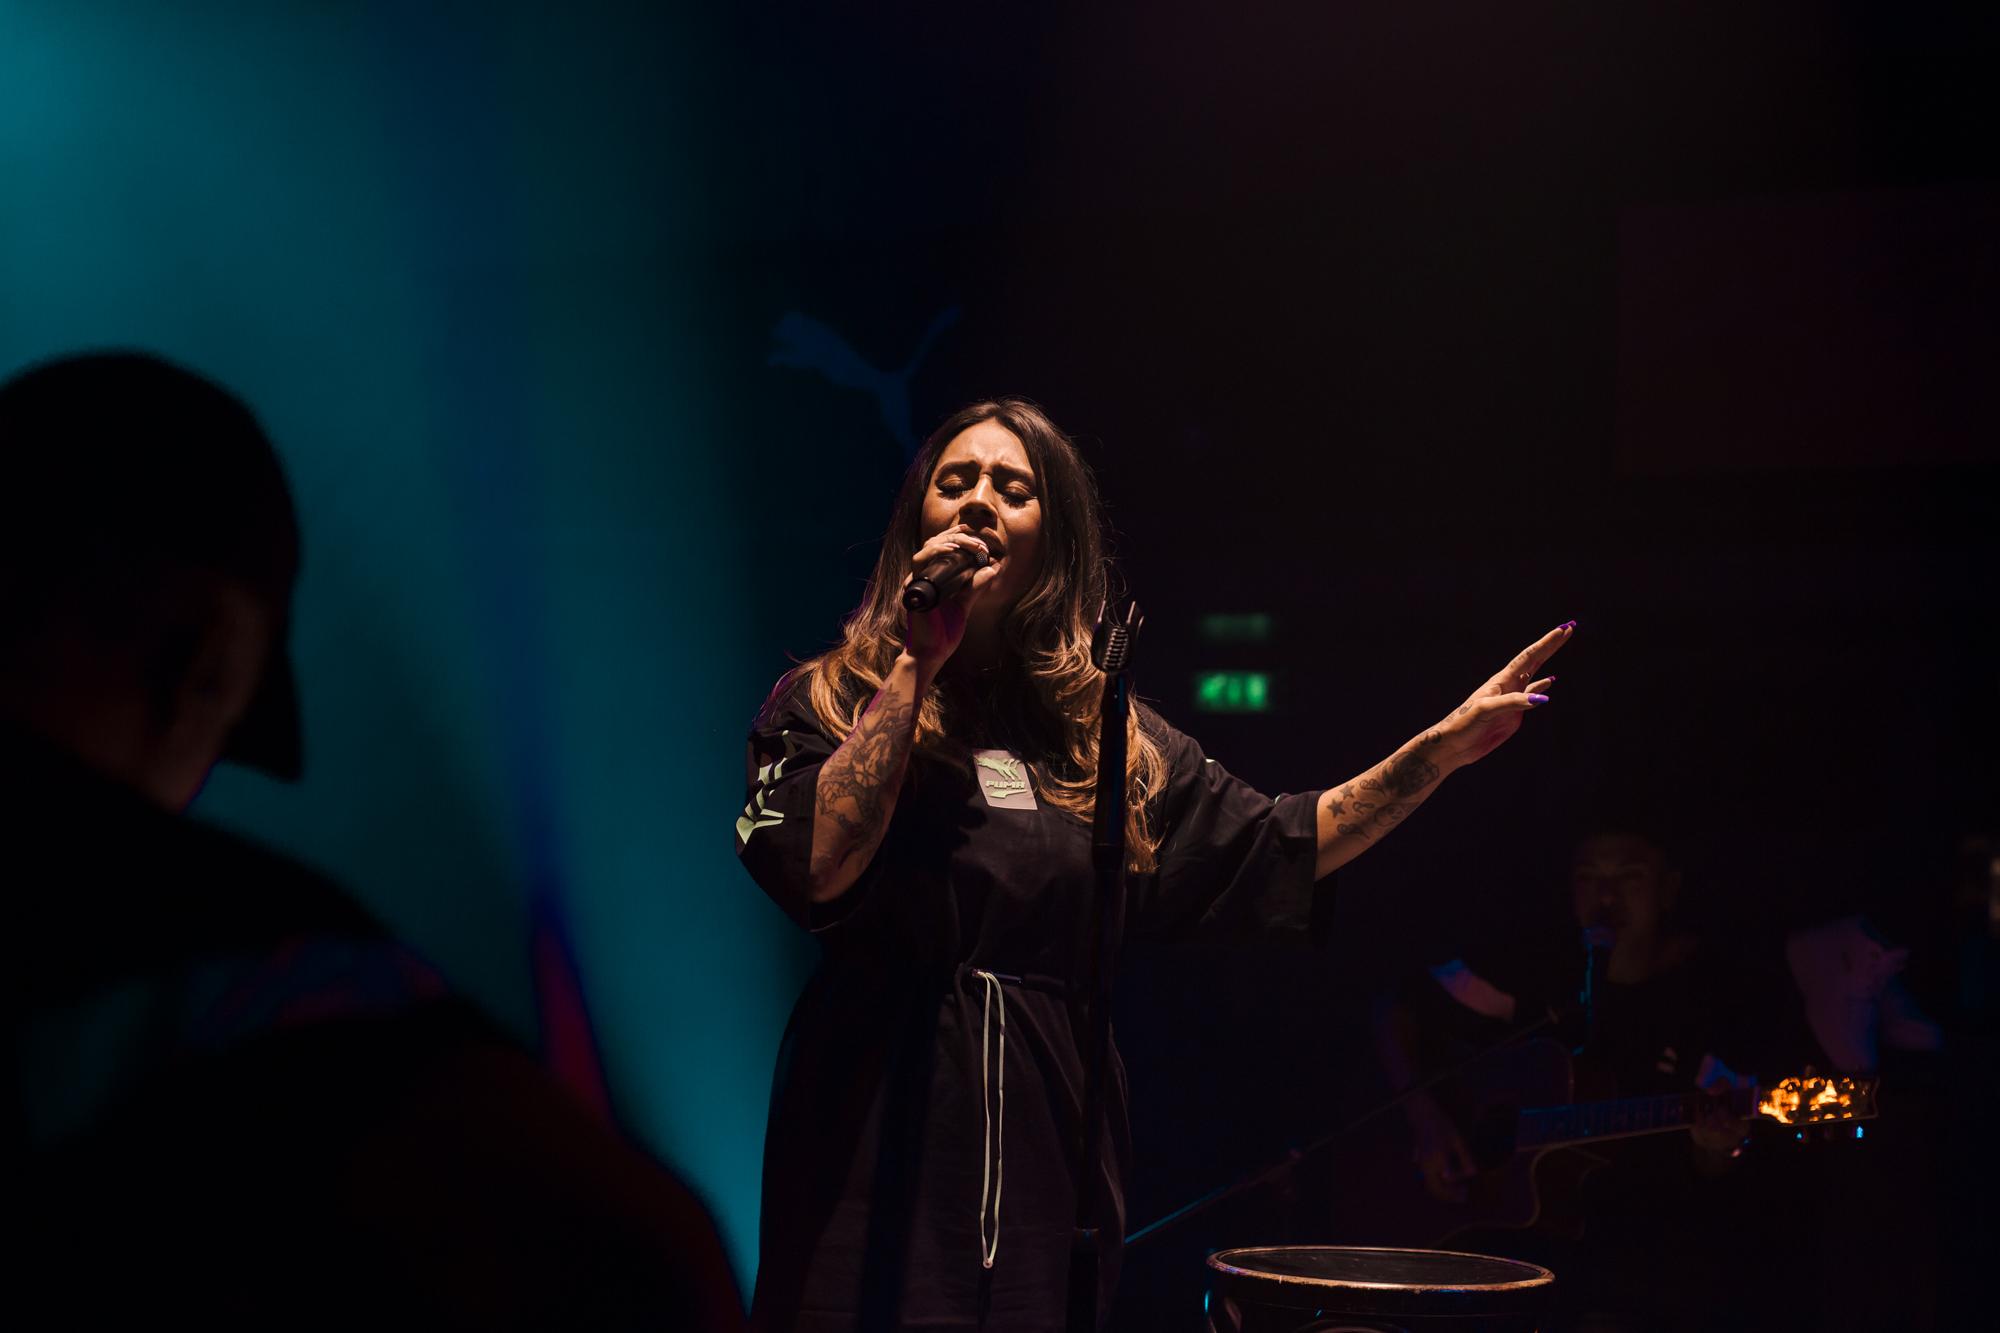 Een foto van Tabitha, zingend in De Melkweg